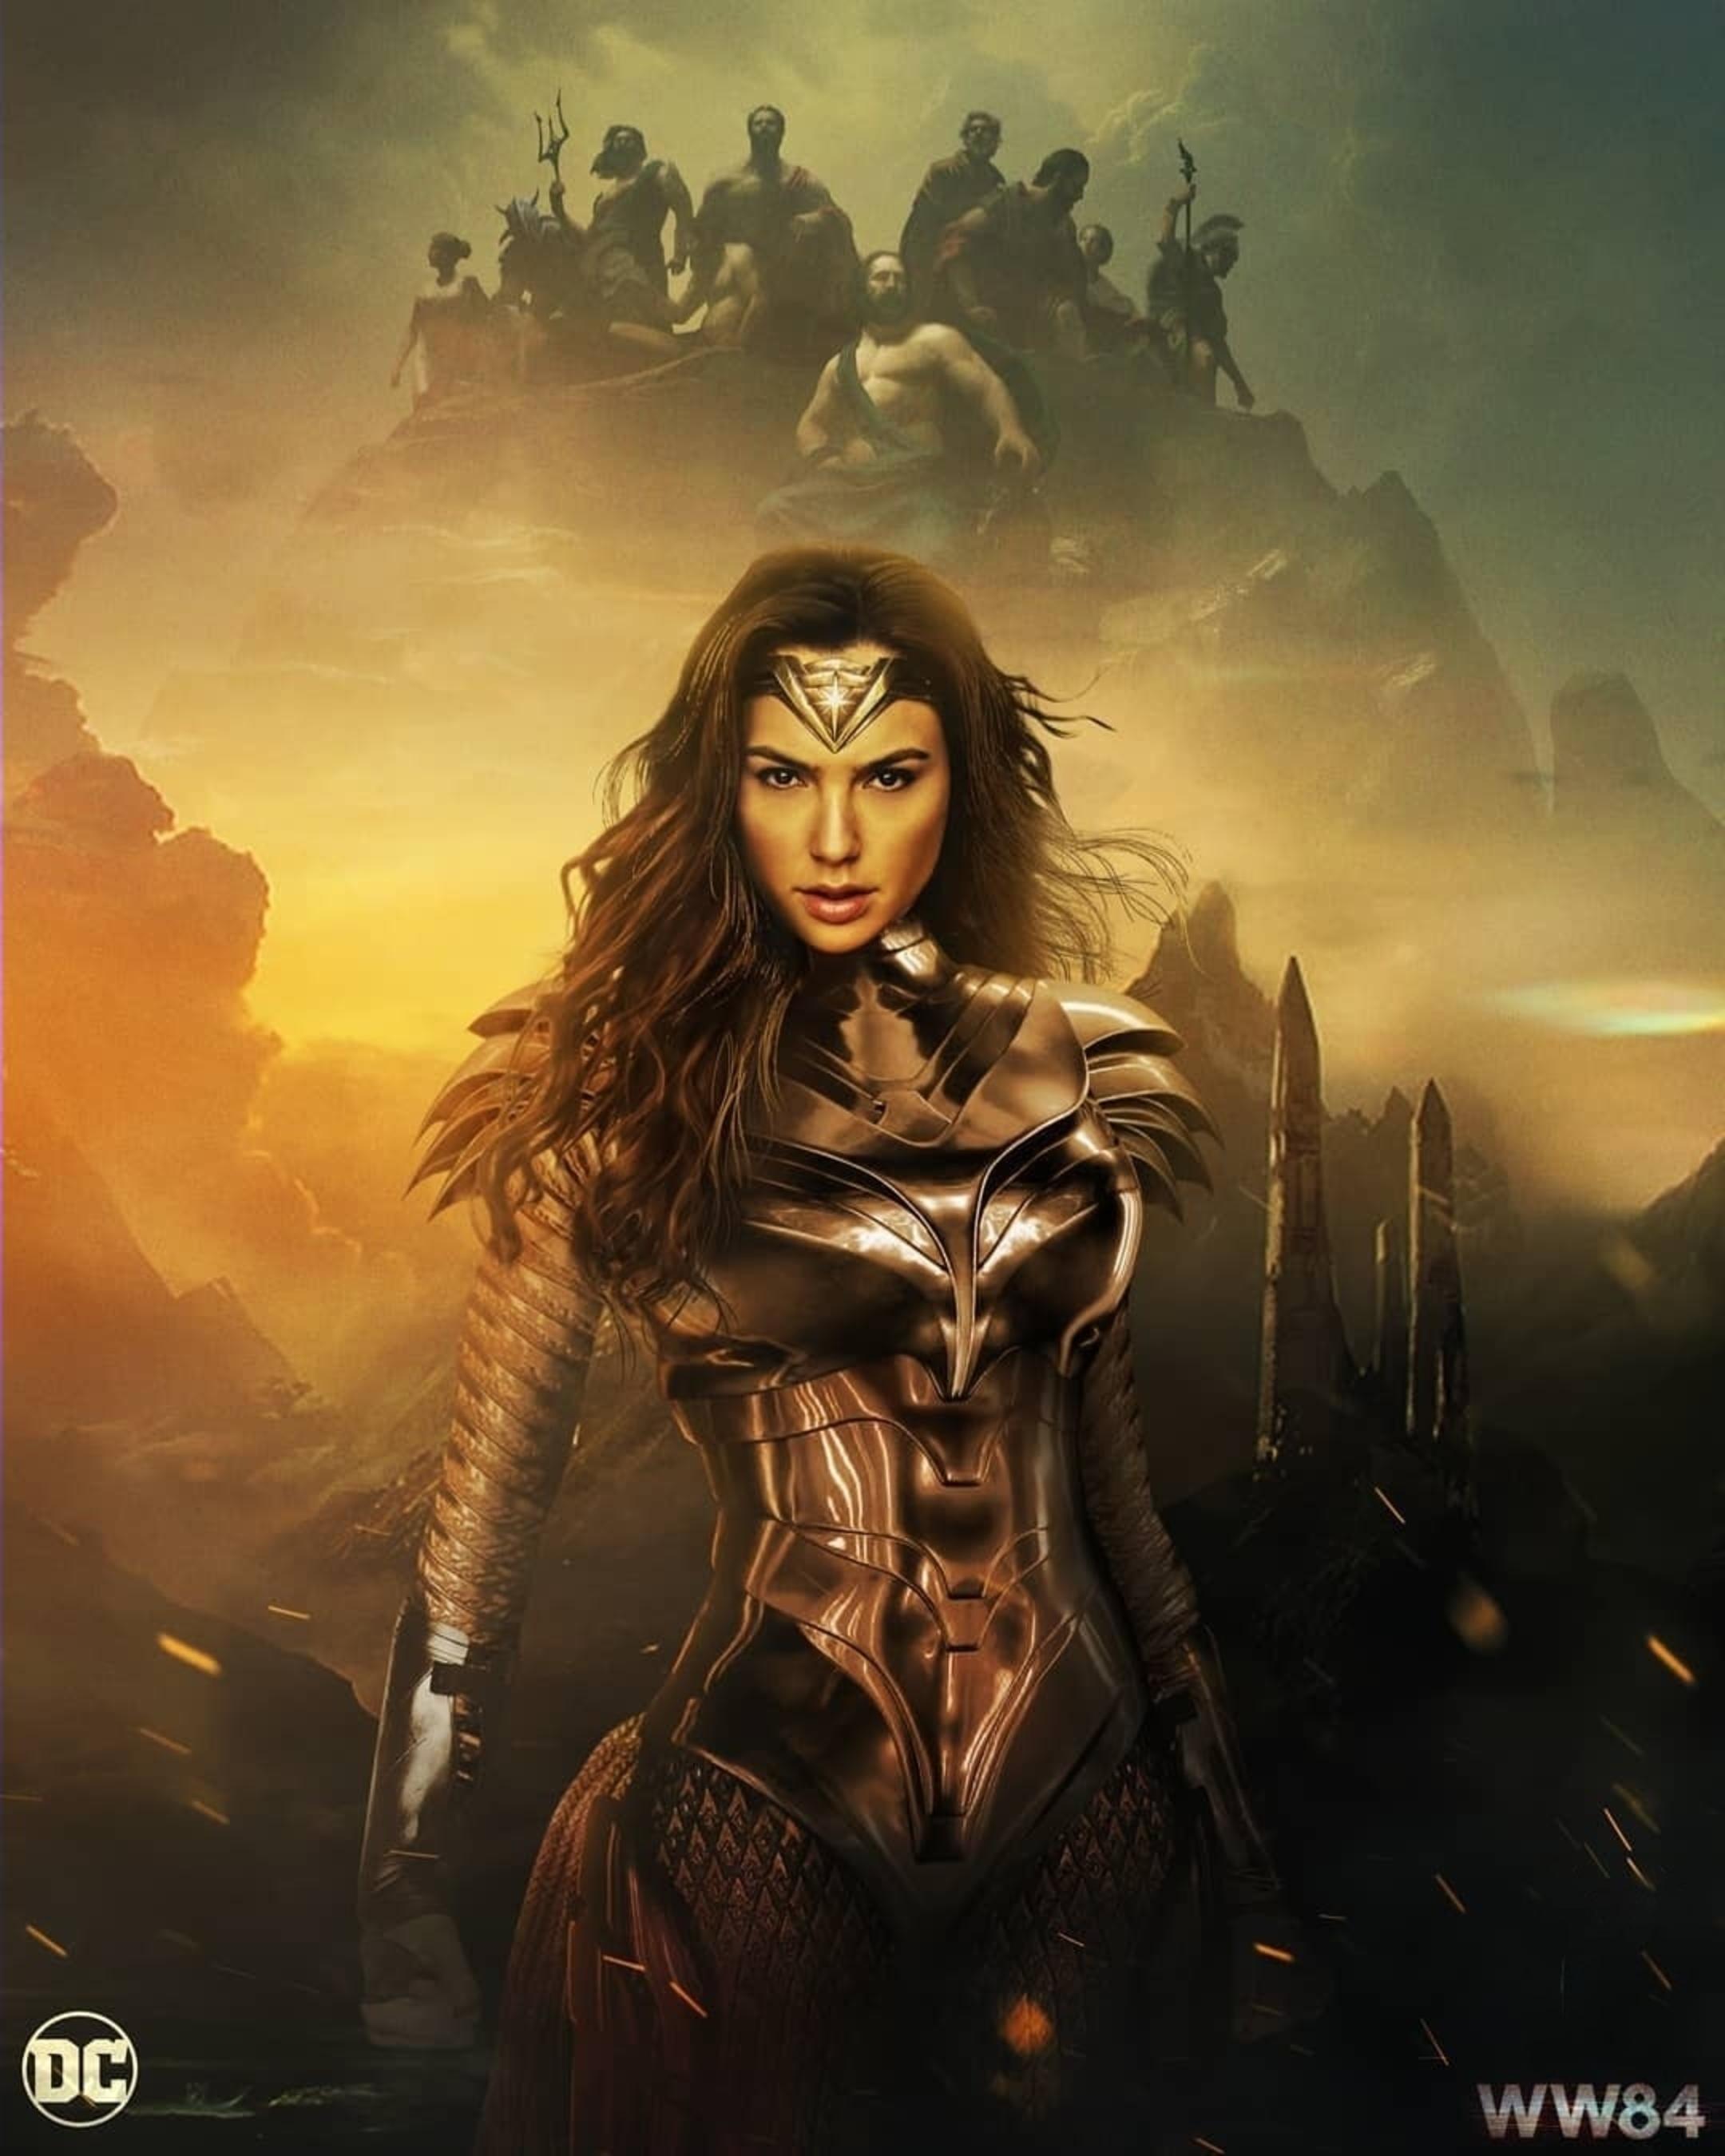 Watch Wonder Woman 1984 2020 Online On 123movies In 2020 Wonder Woman Comic Wonder Woman Art Wonder Woman Movie